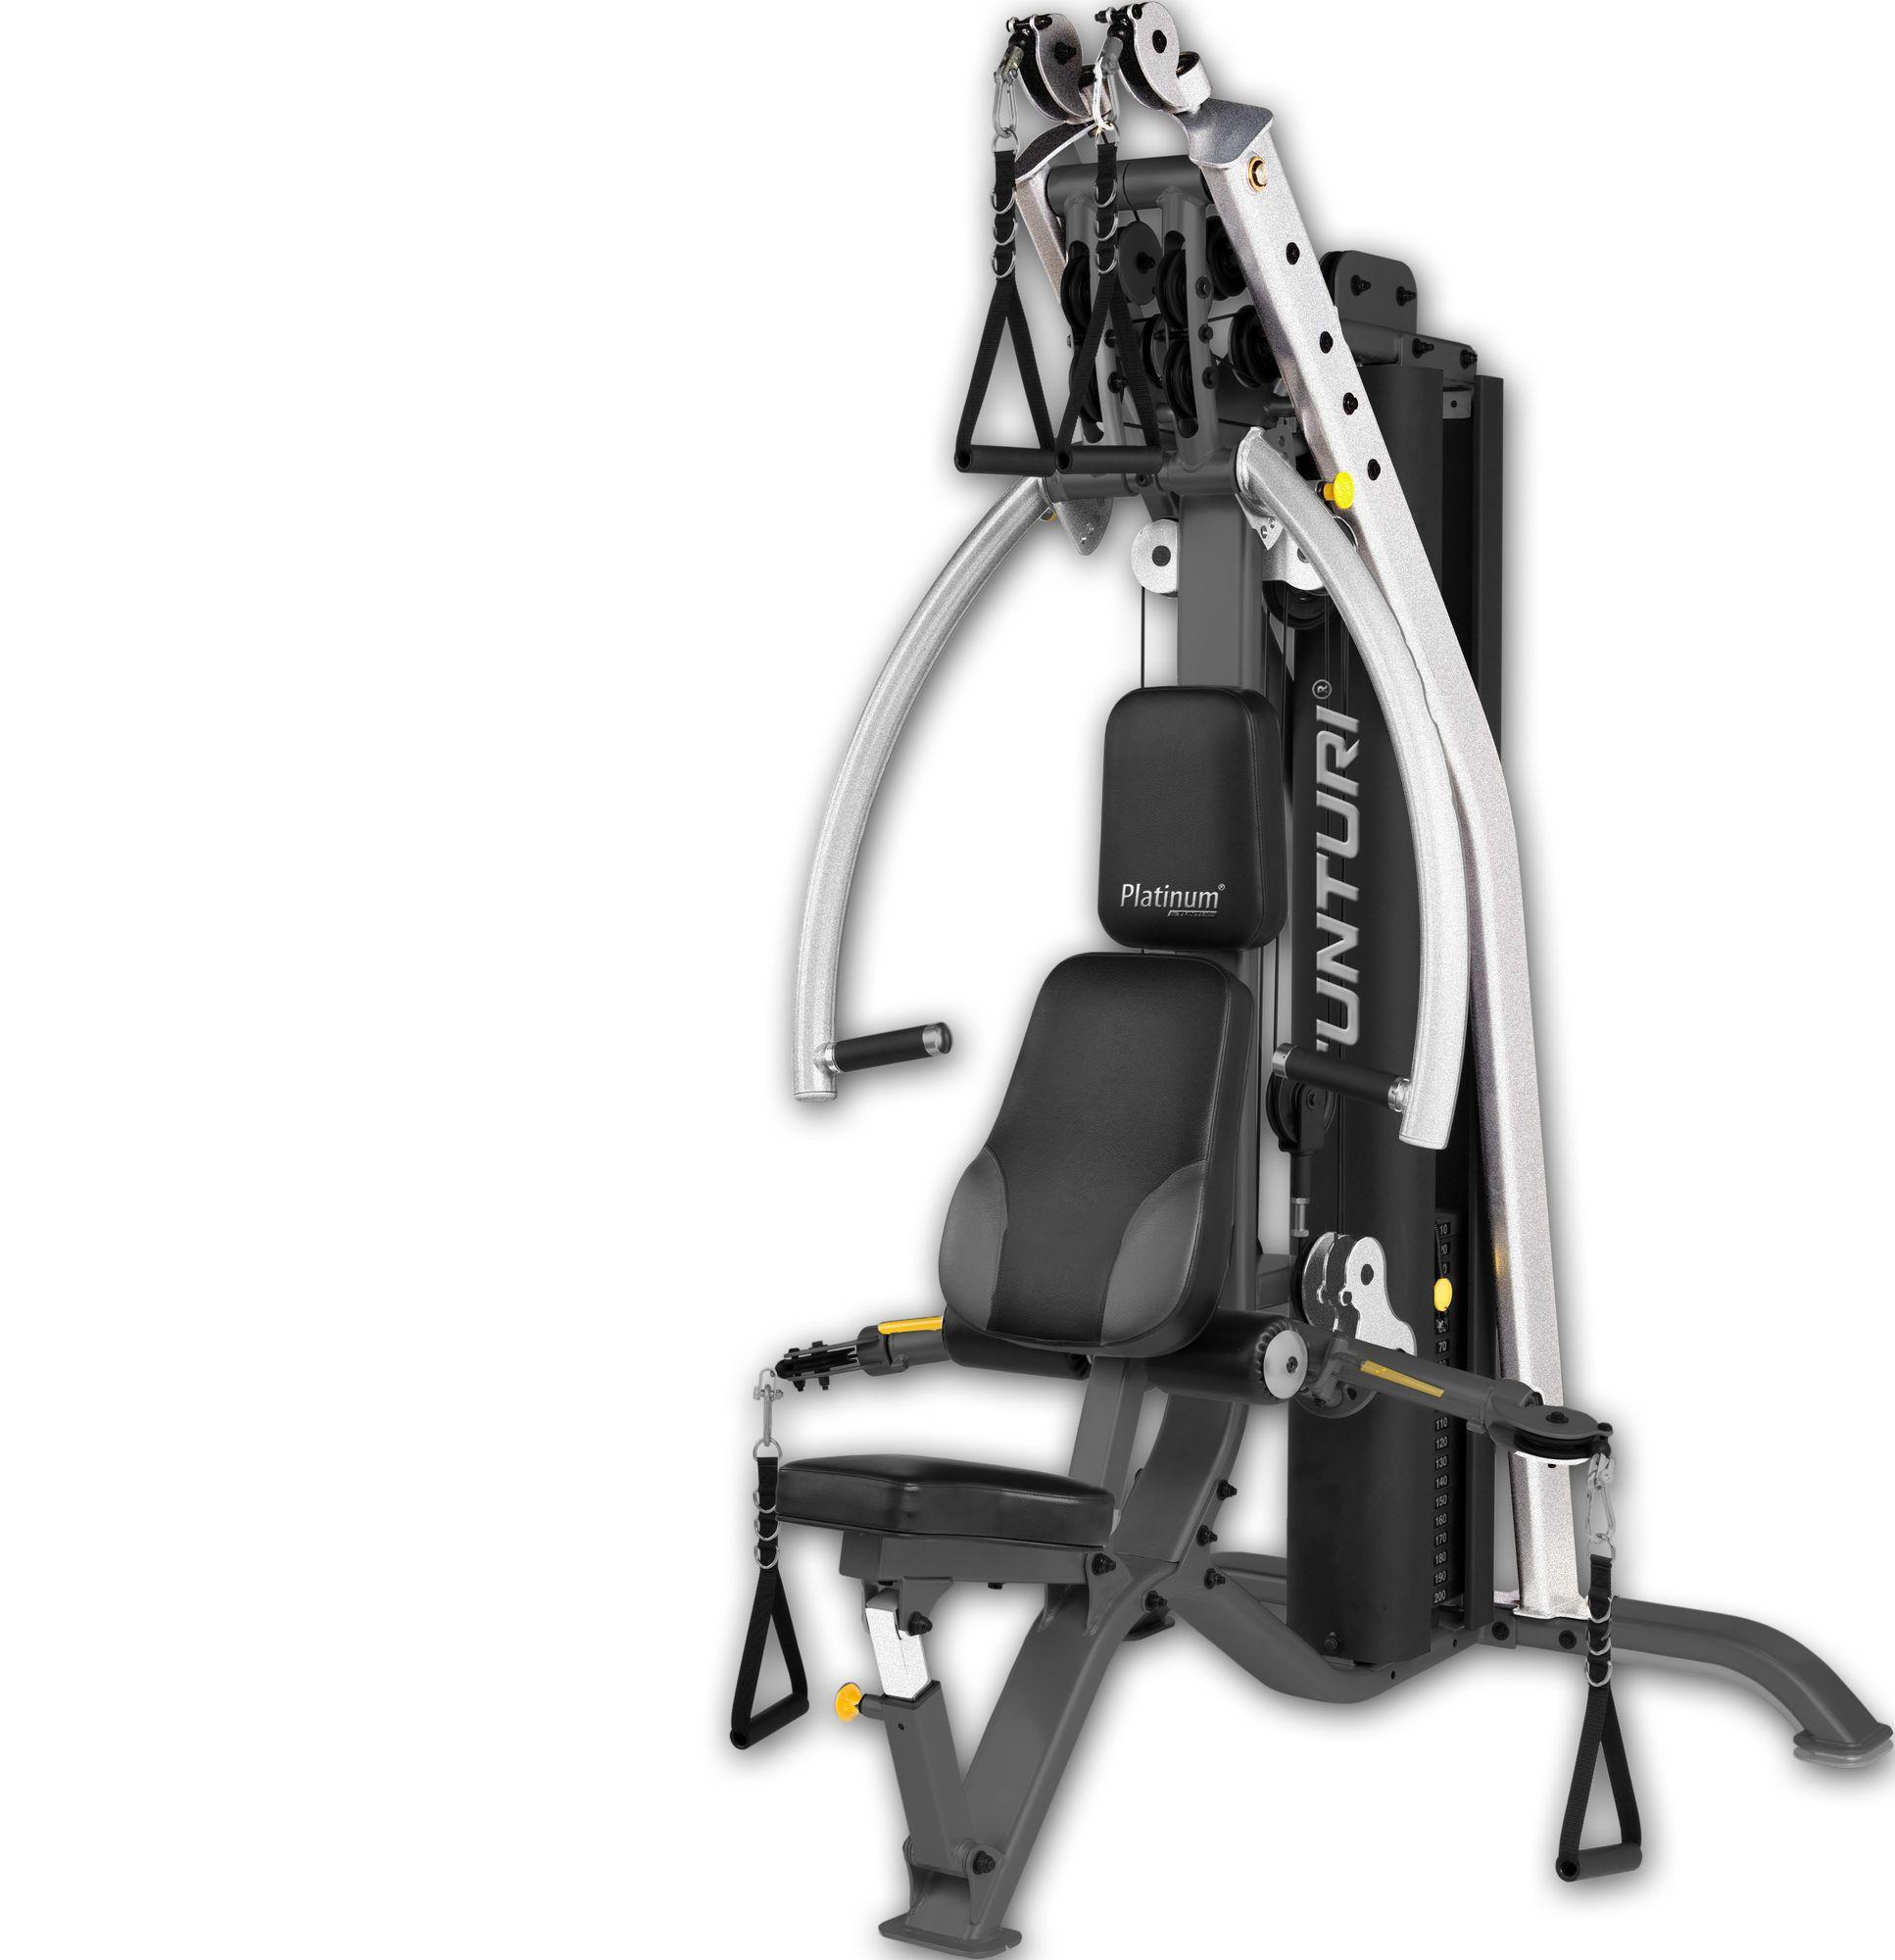 Afbeelding van Tunturi Platinum 4-in-1 Upper Body Unit